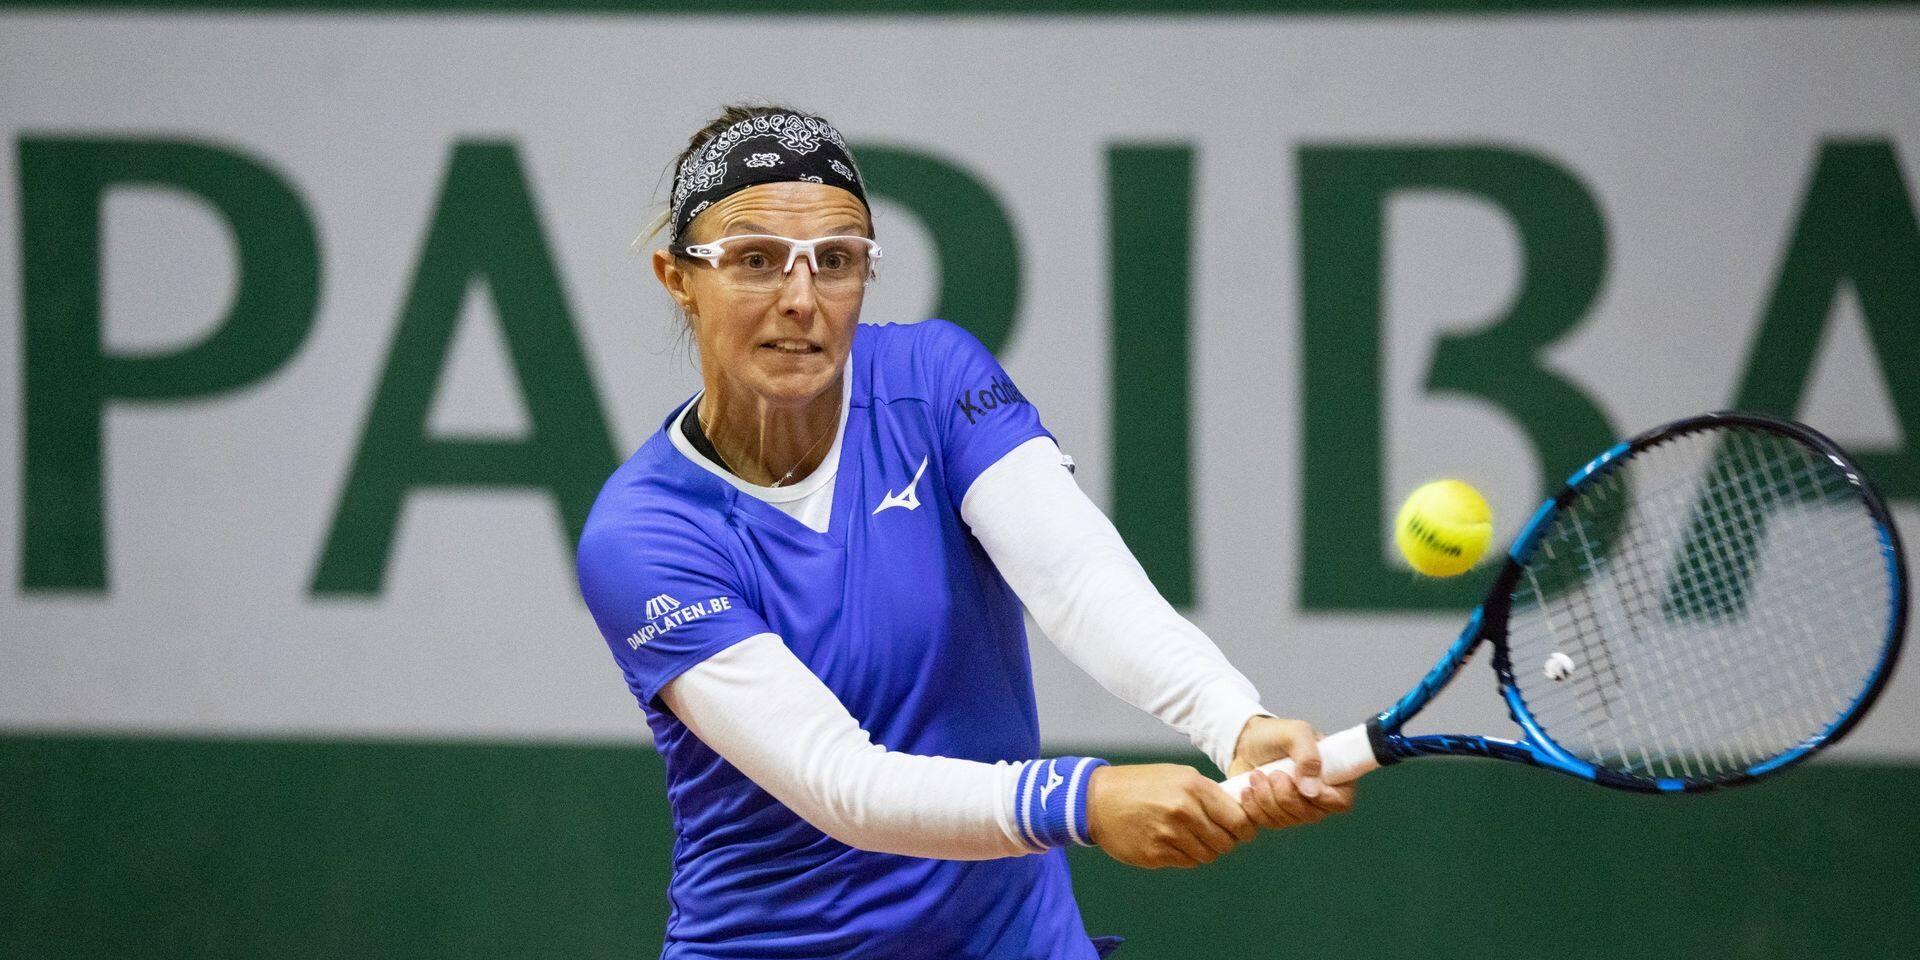 Roland-Garros: Kirsten Flipkens se hisse au 2e tour du double